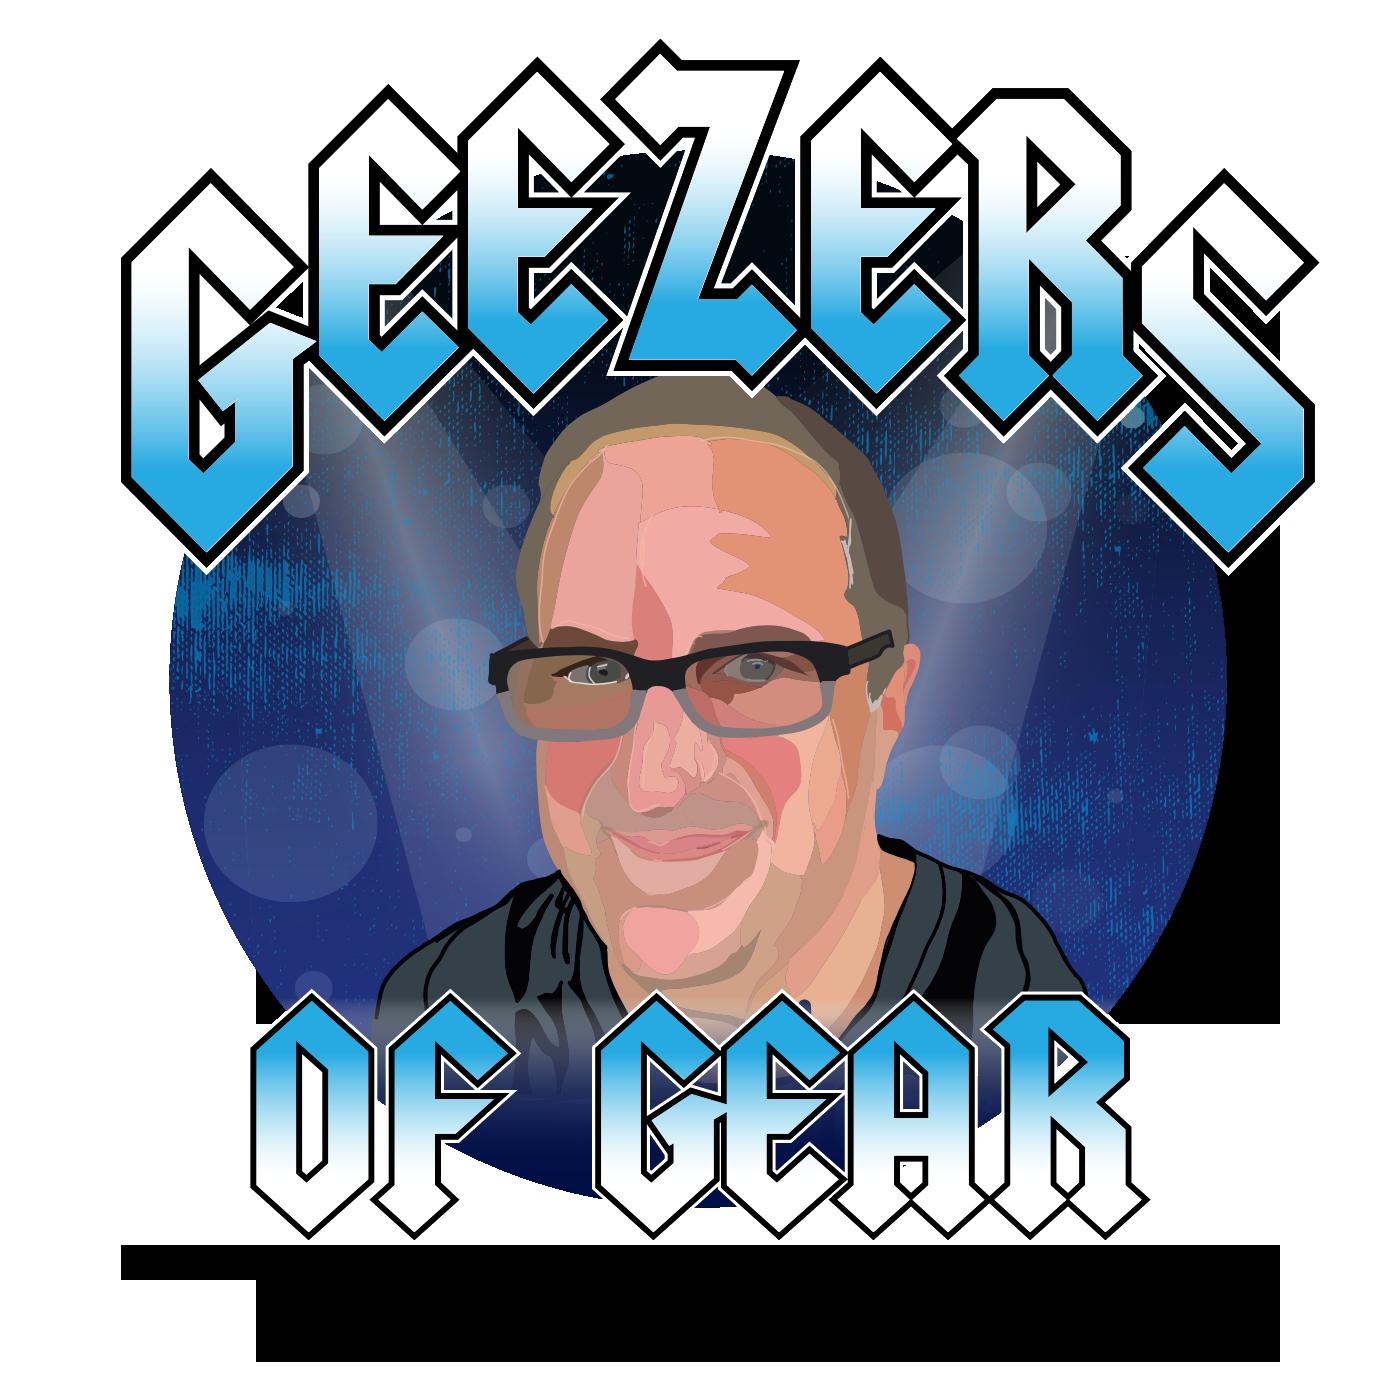 Geezers of Gear show art